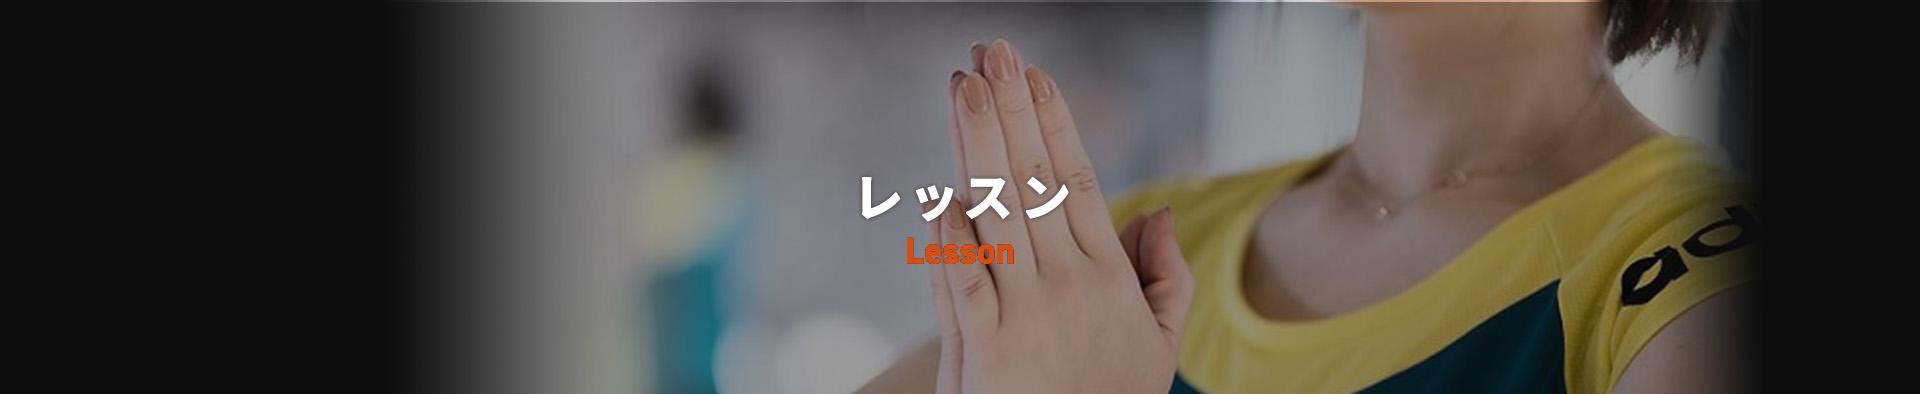 Lesson スタジオレッスン・インドアバイク